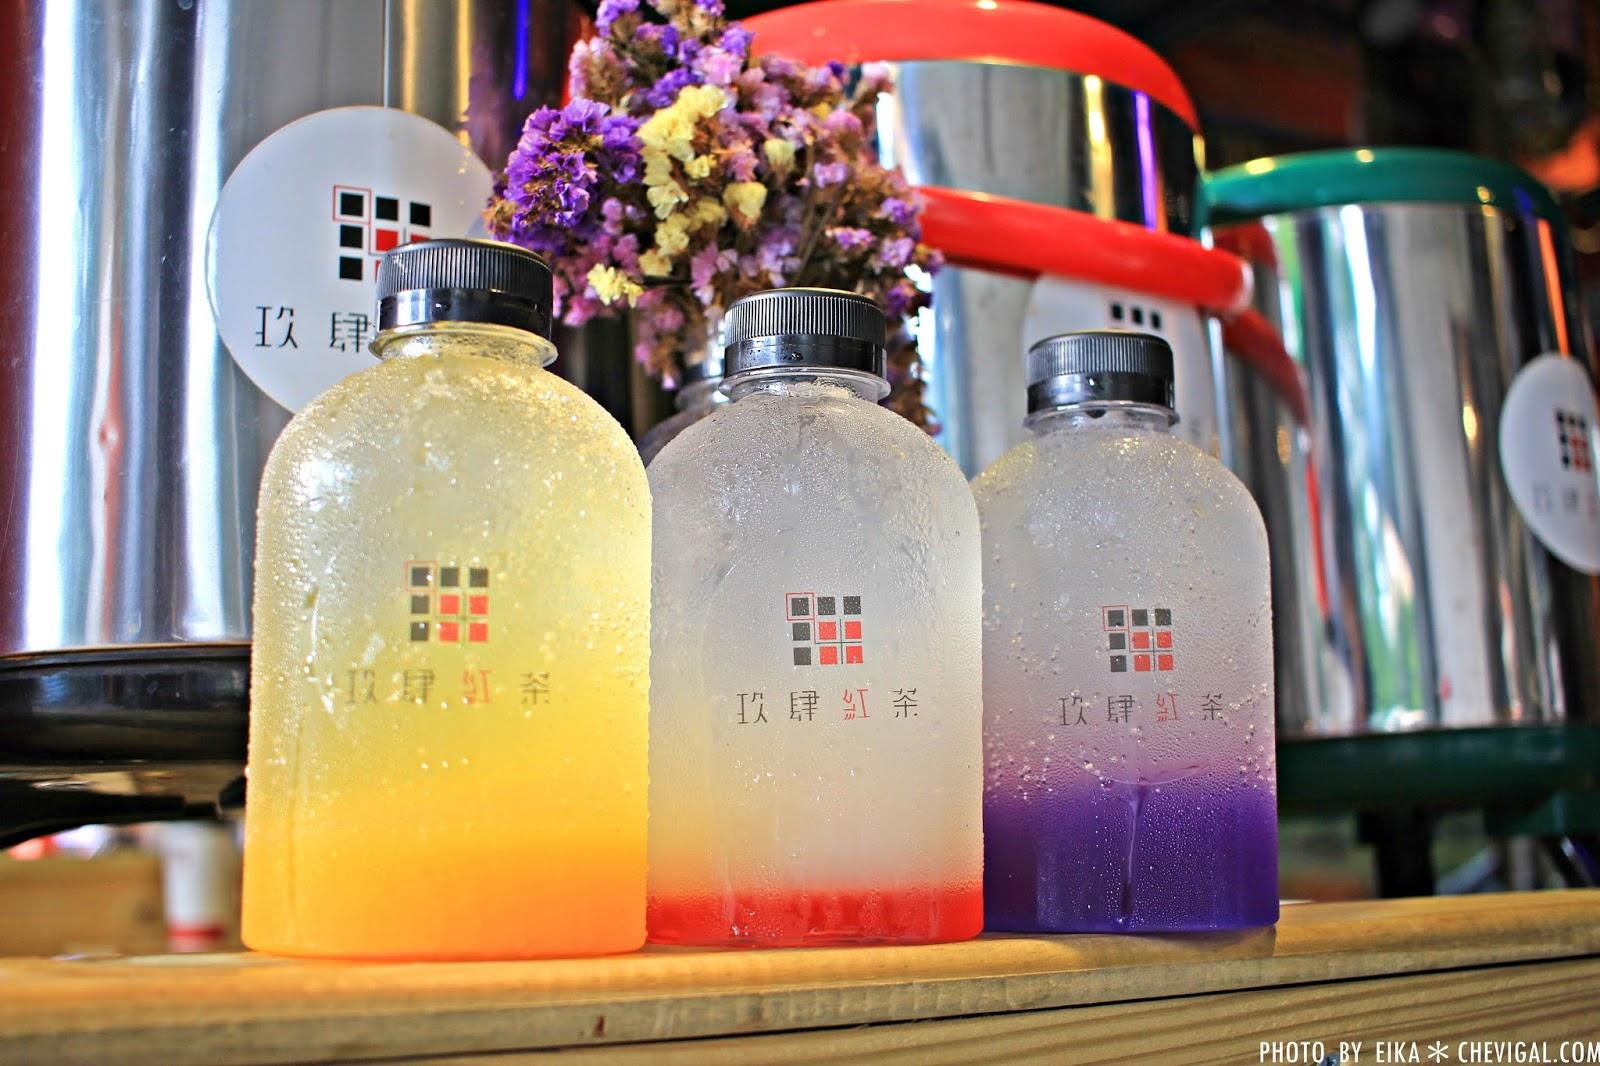 IMG 0429 - 玖肆紅茶氣泡飲,清爽氣泡飲口味新推出。夏日繽紛清涼好選擇(已歇業)